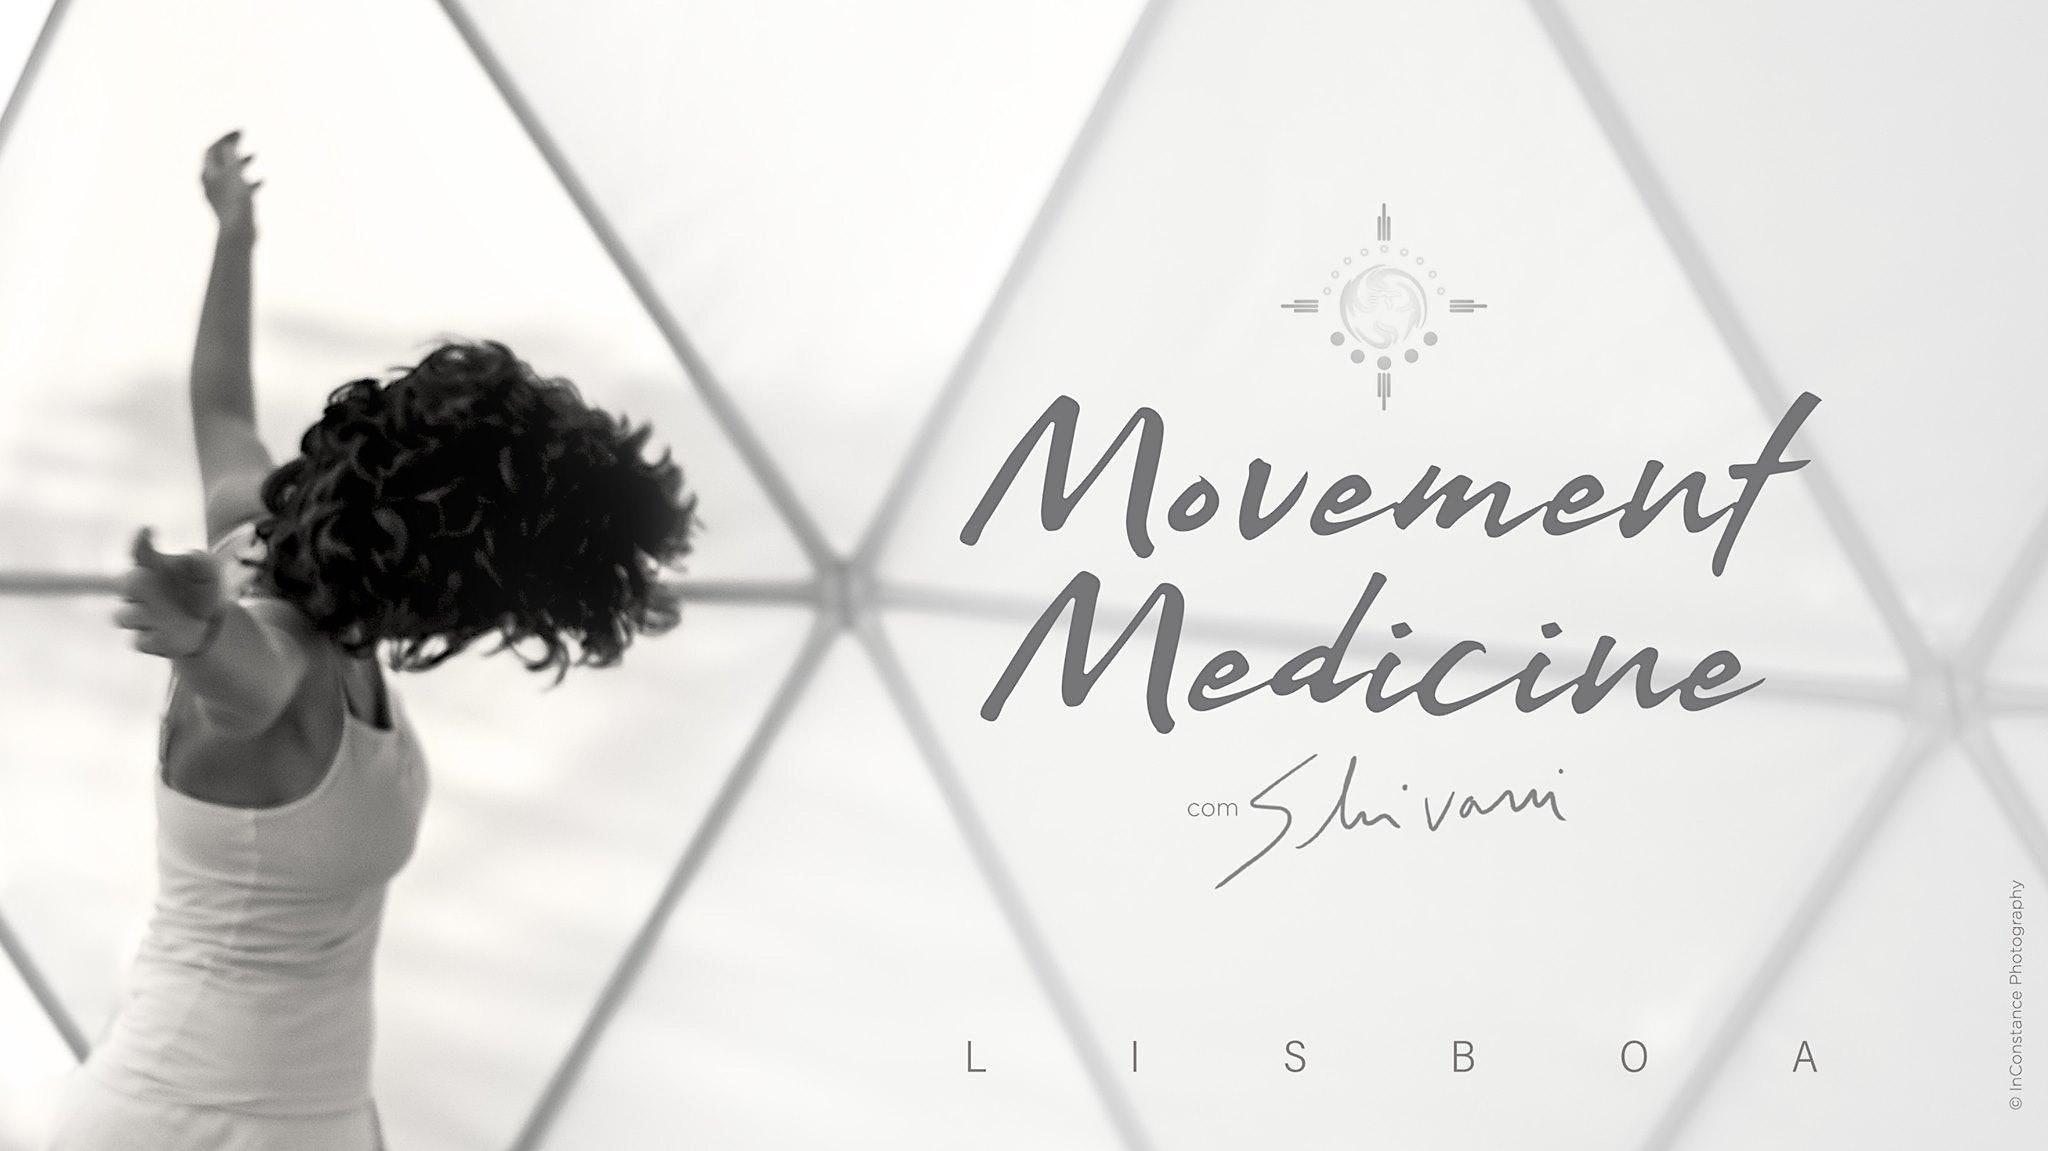 Movement Medicine com Shivani